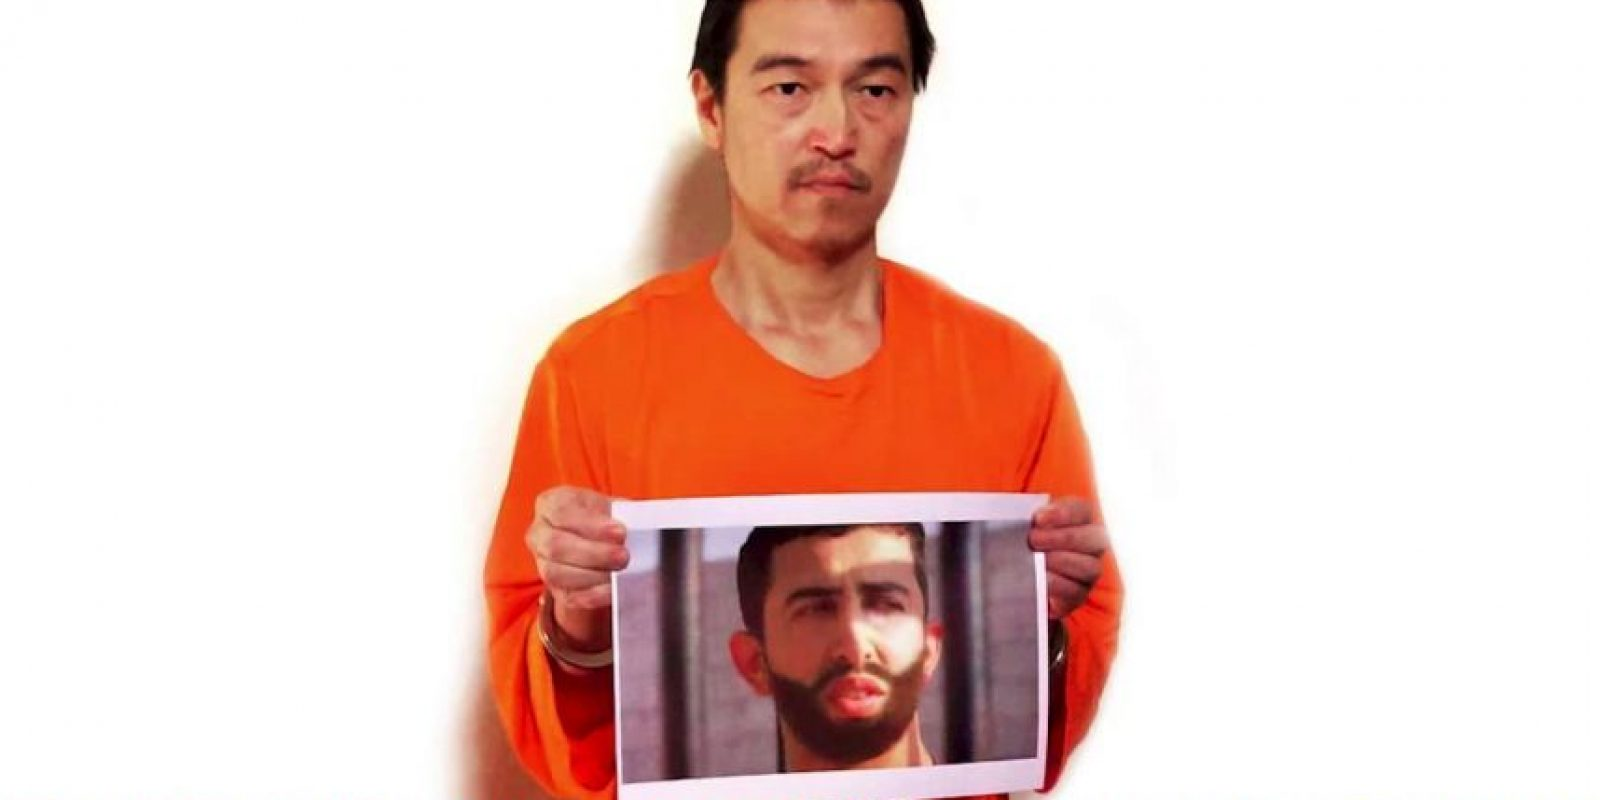 Kenji Goto, periodista japonés. Fue asesinado el sábado, 31 de enero luego de que fracasaran las negociaciones de ISIS y Jordania por intencambiarlo a él y al piloto jordano Moaz al-Kassasbeh por la prisionera Sajida al-Rishawi. Foto:AFP